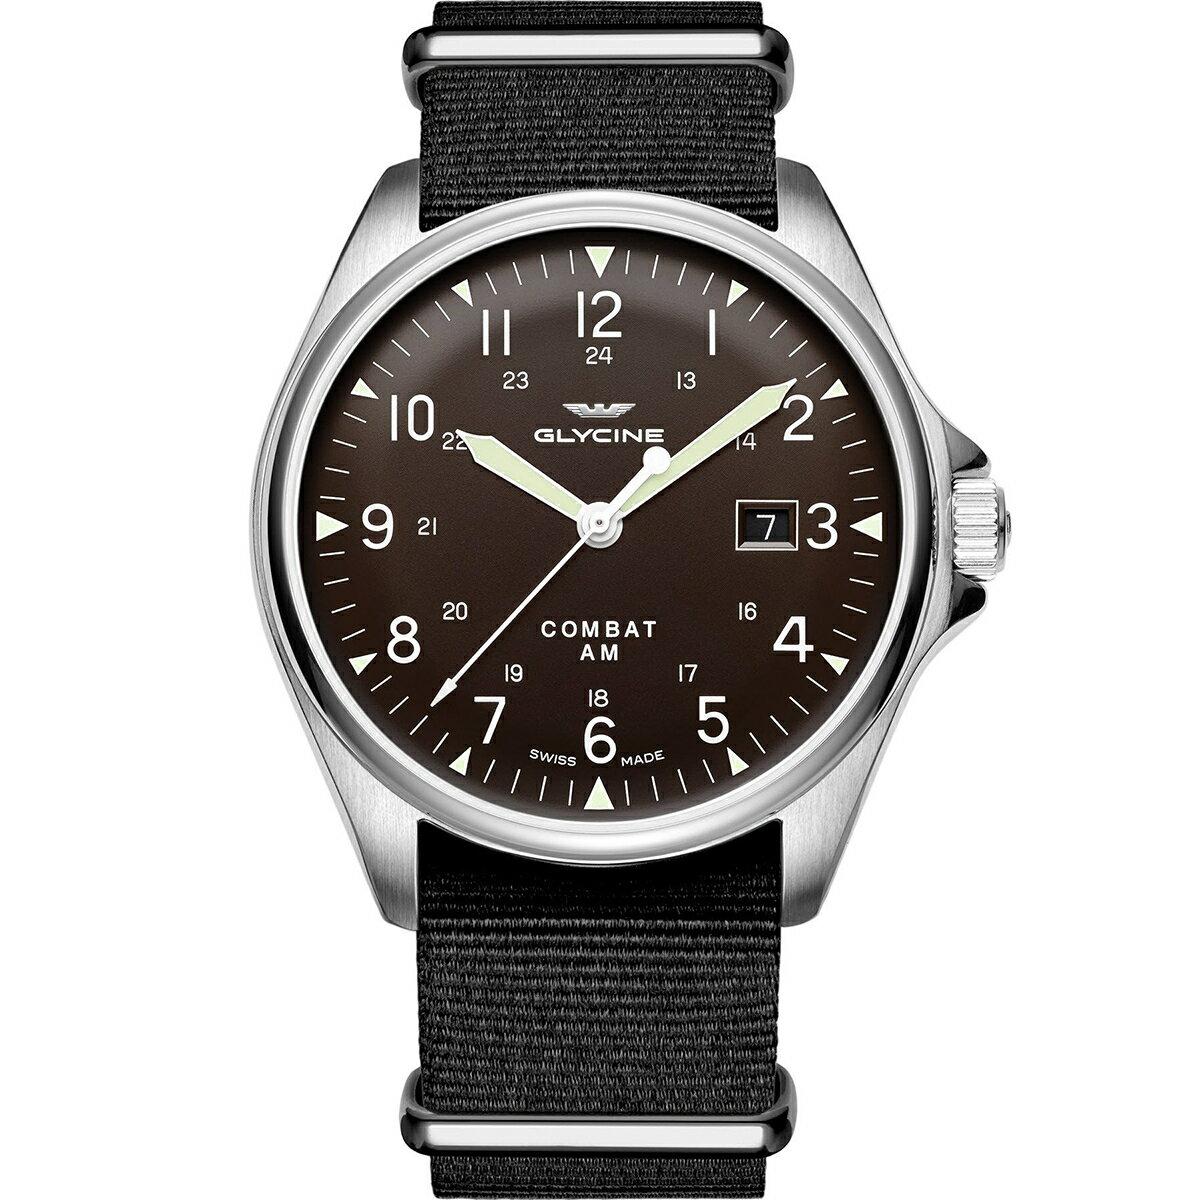 グライシン グリシン GLYCINE コンバット6 ヴィンテージ COMBAT 6 VINTAGE GL0123 メンズ 時計 腕時計 自動巻き オートマチック スイス製 スイスメイド パイロット